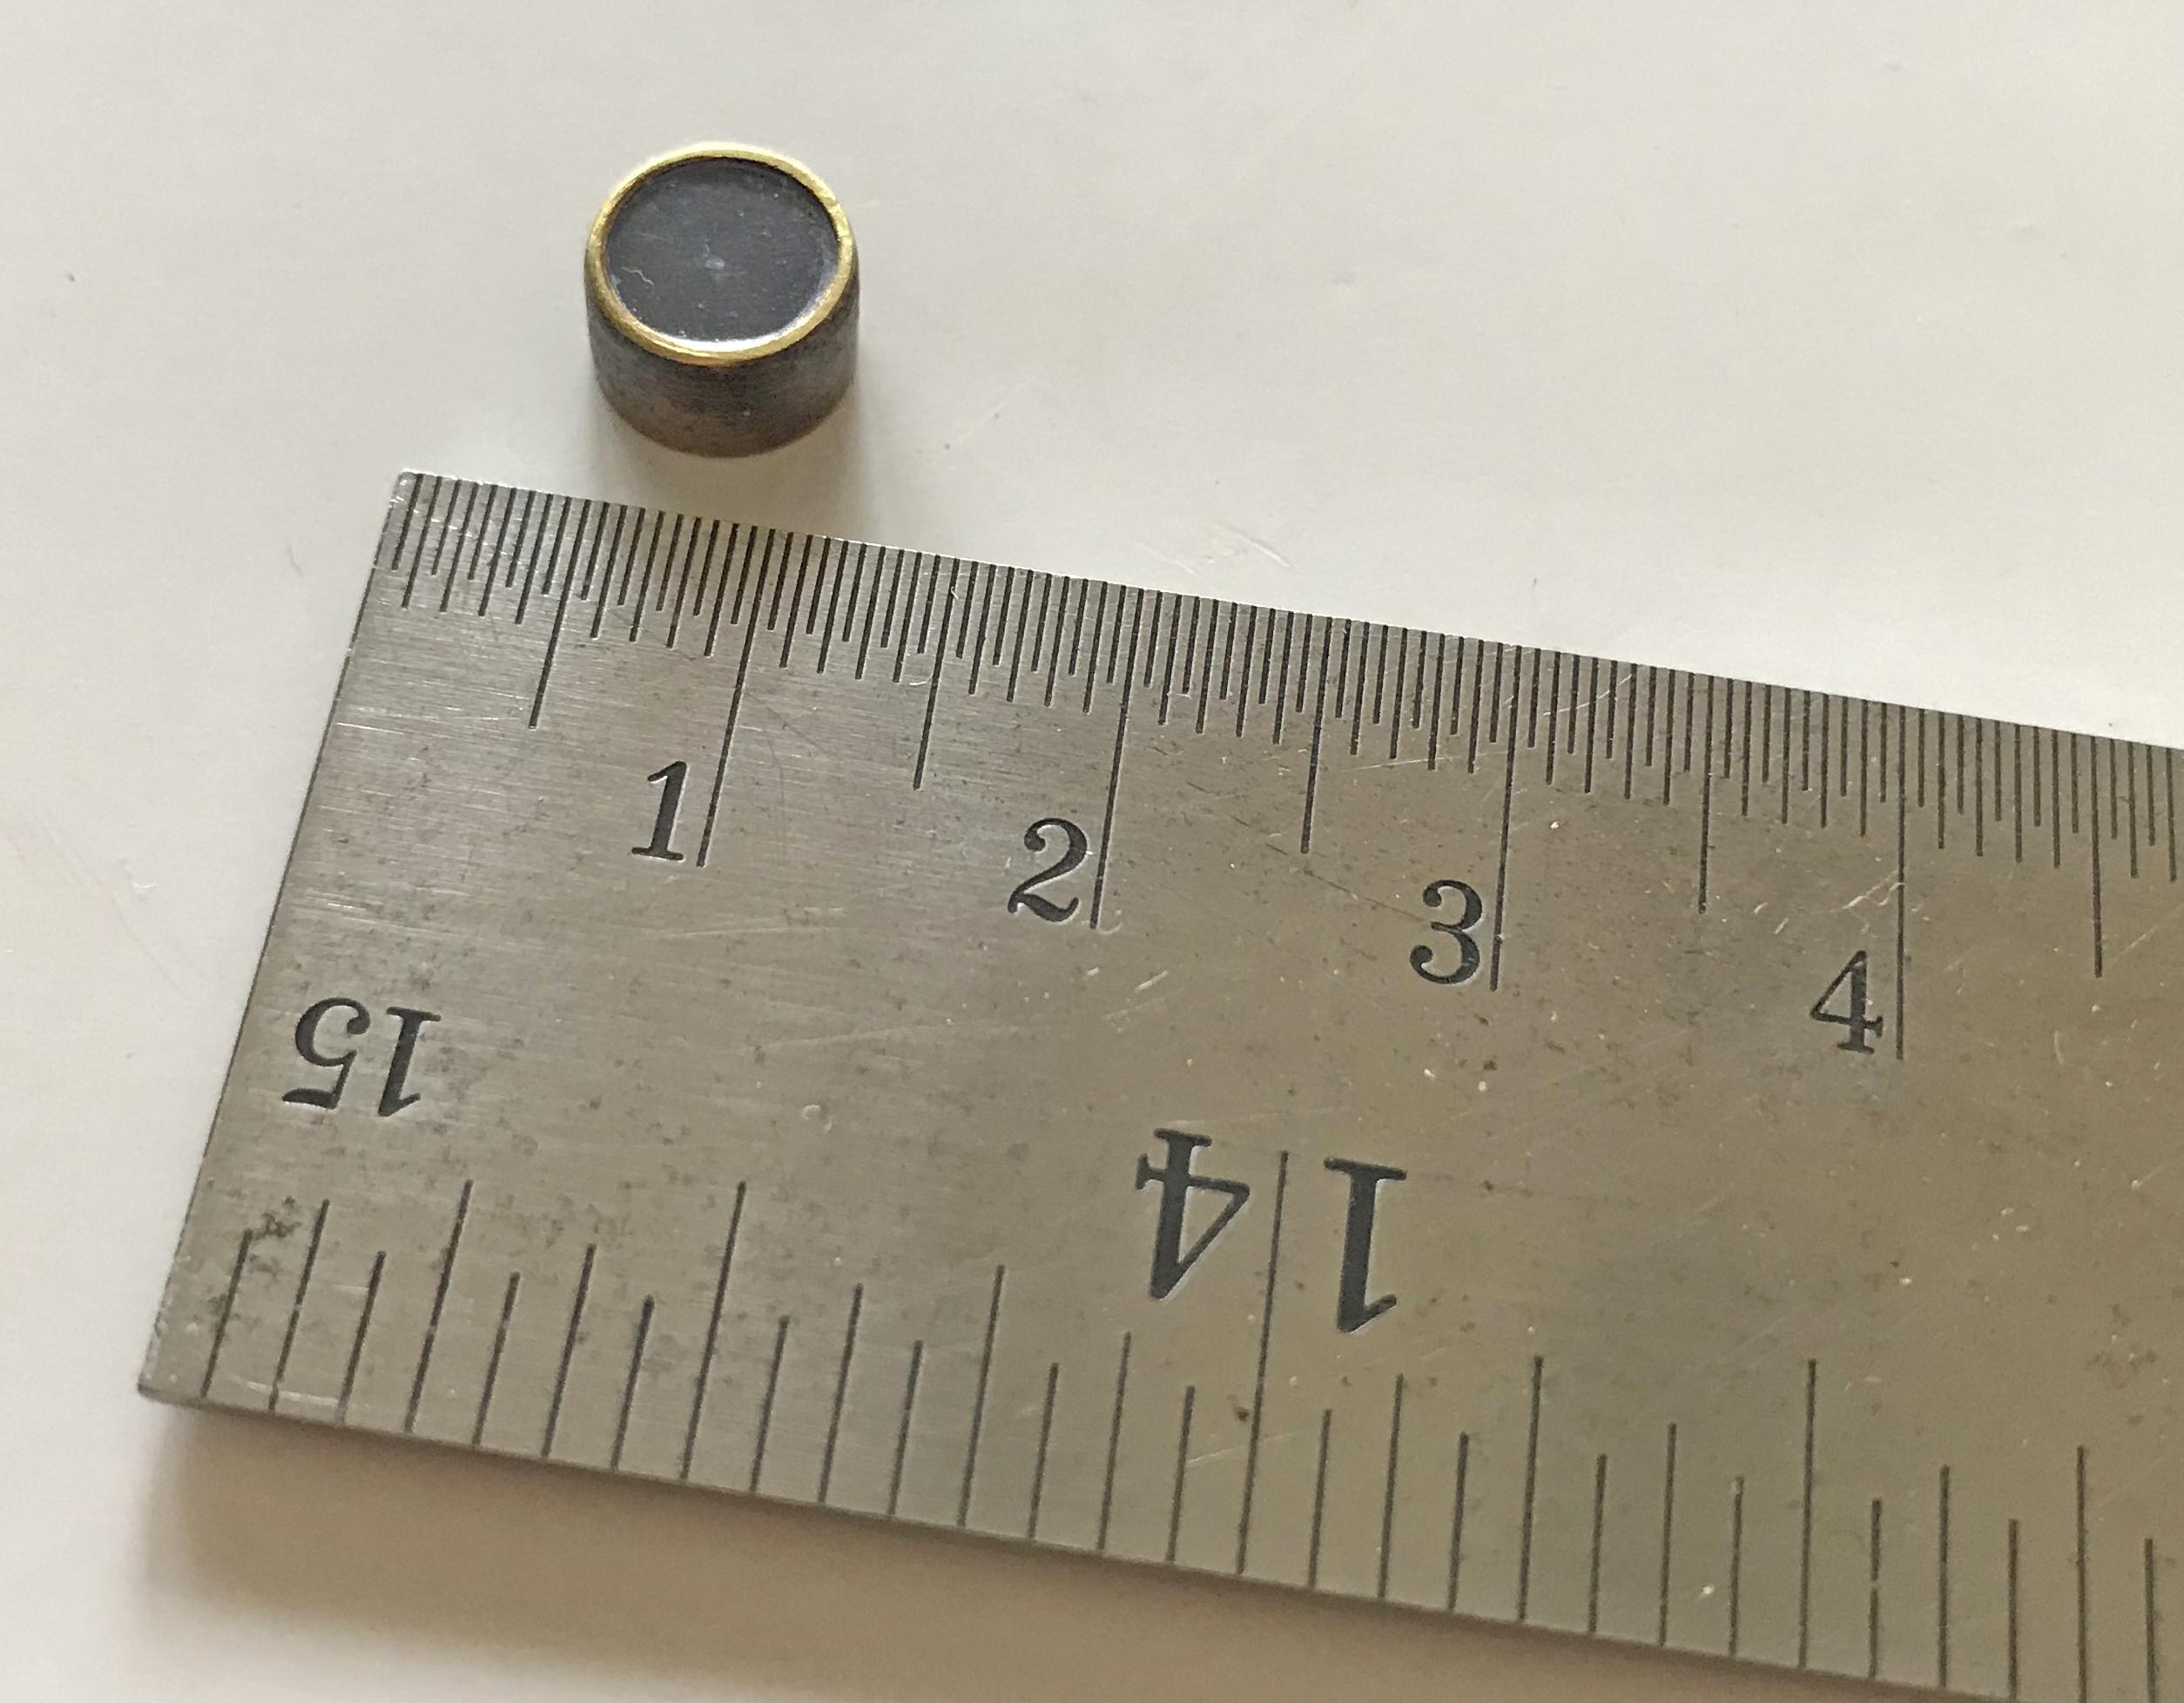 RARE RAF / MI9 miniature escape compass - the smallest made.